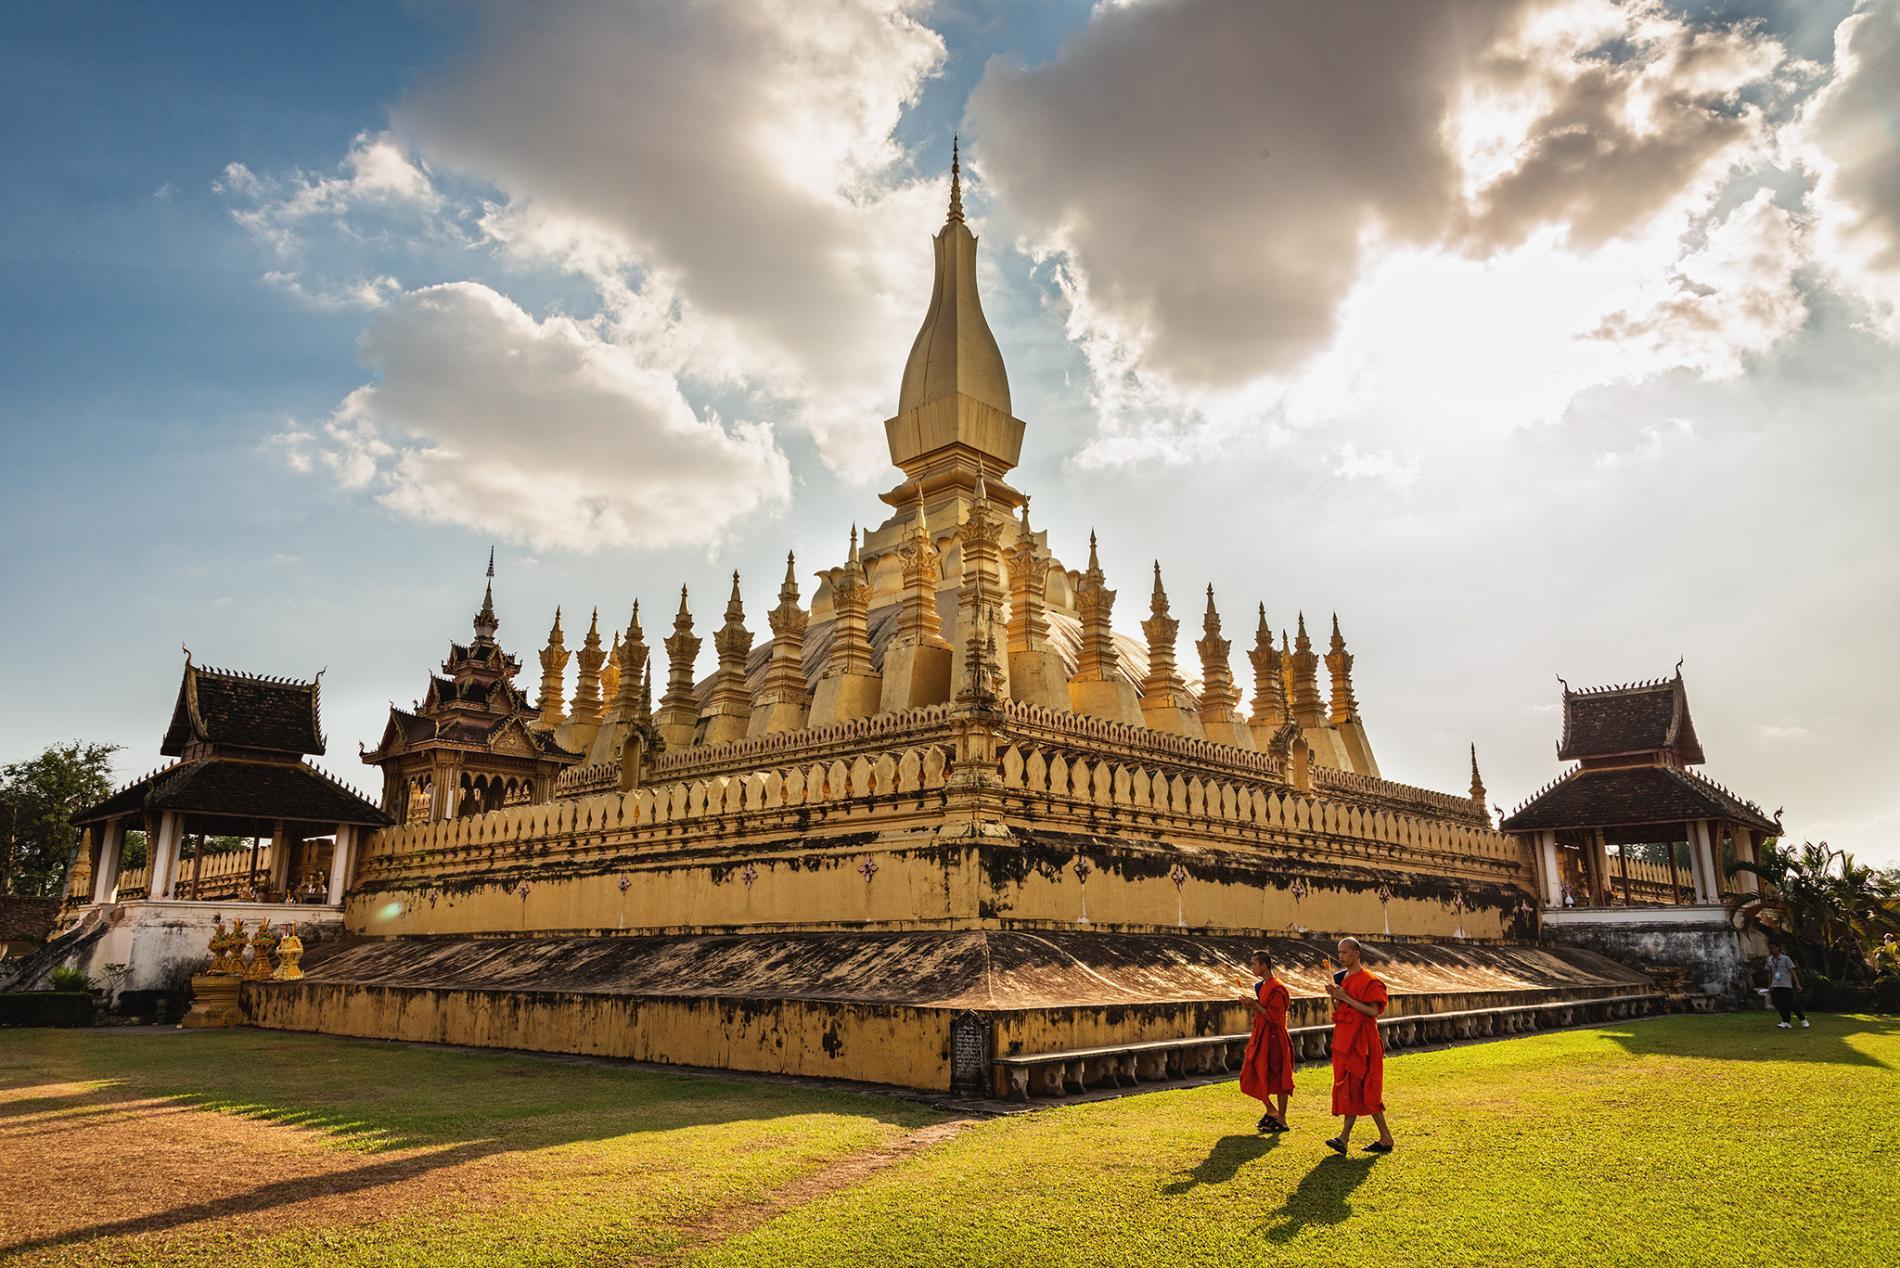 你該投資寮國嗎?寮國經濟研究投資趨勢分析總整理 @東南亞投資報告